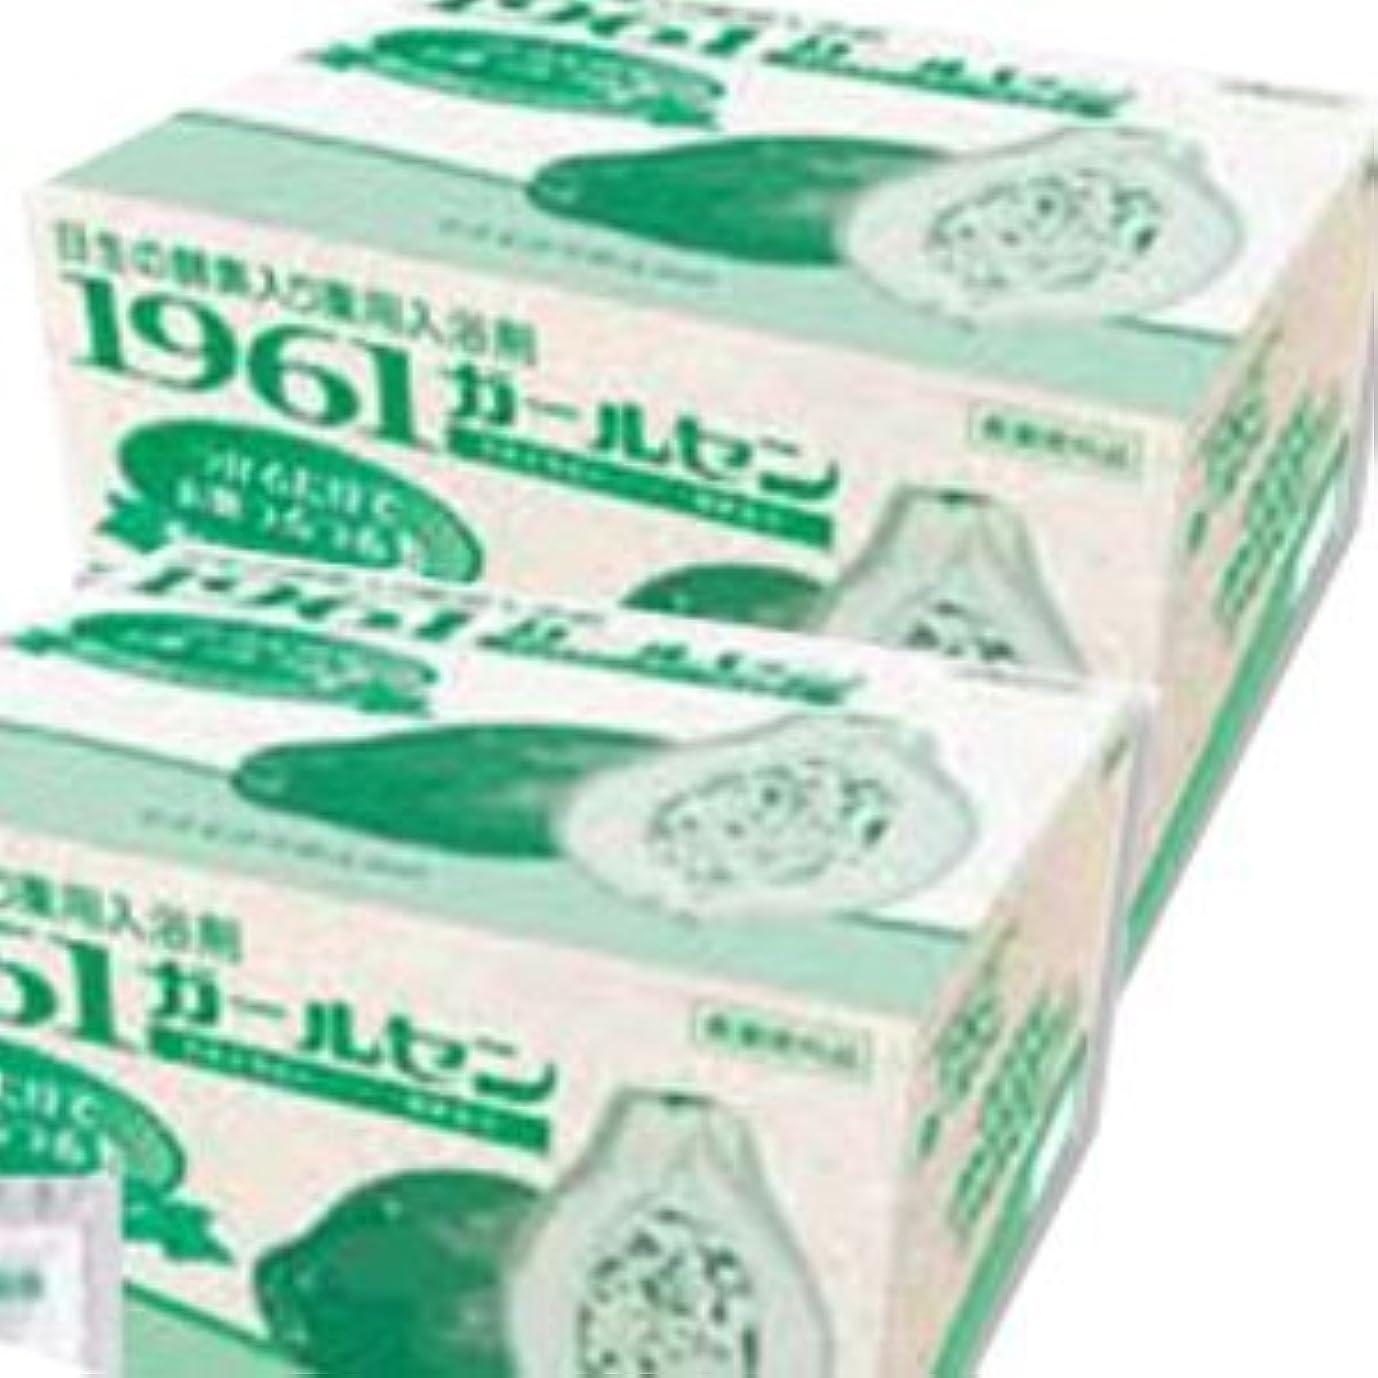 吹きさらし触覚権威日本生化学 薬用入浴剤 1961ガールセン (20g×60包)×2箱 (医薬部外品)